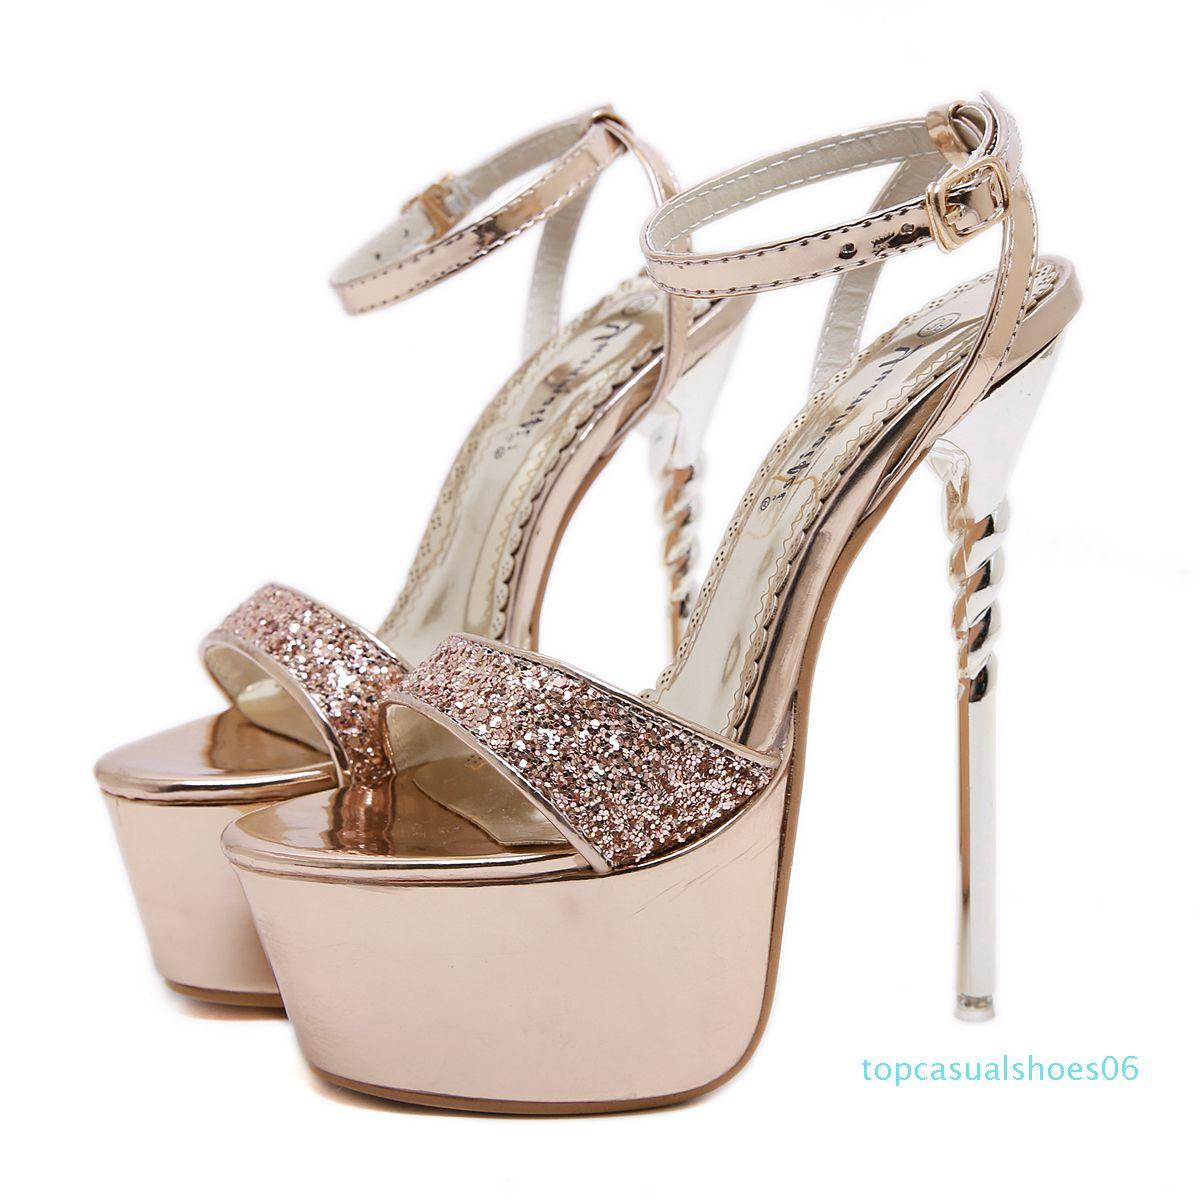 Tamanho 35 a 40 41 42 43 Brilho Dourado Platform lantejoulas Ultra High Heels Luxo Mulheres desenhista calça 16 centímetros T06